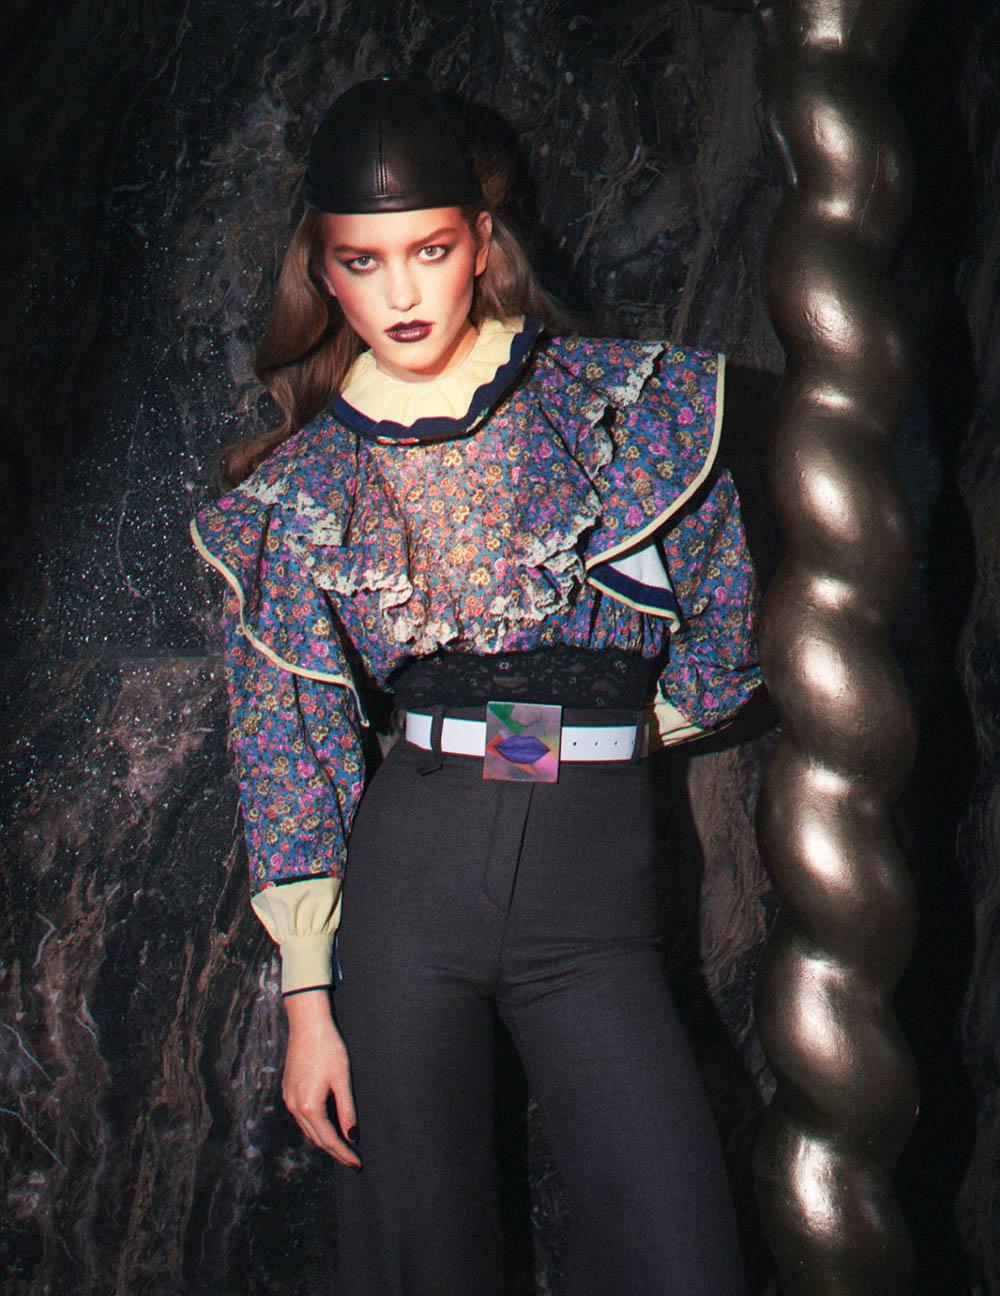 Laurijn Bijnen covers Vogue Paris October 2019 by David Sims